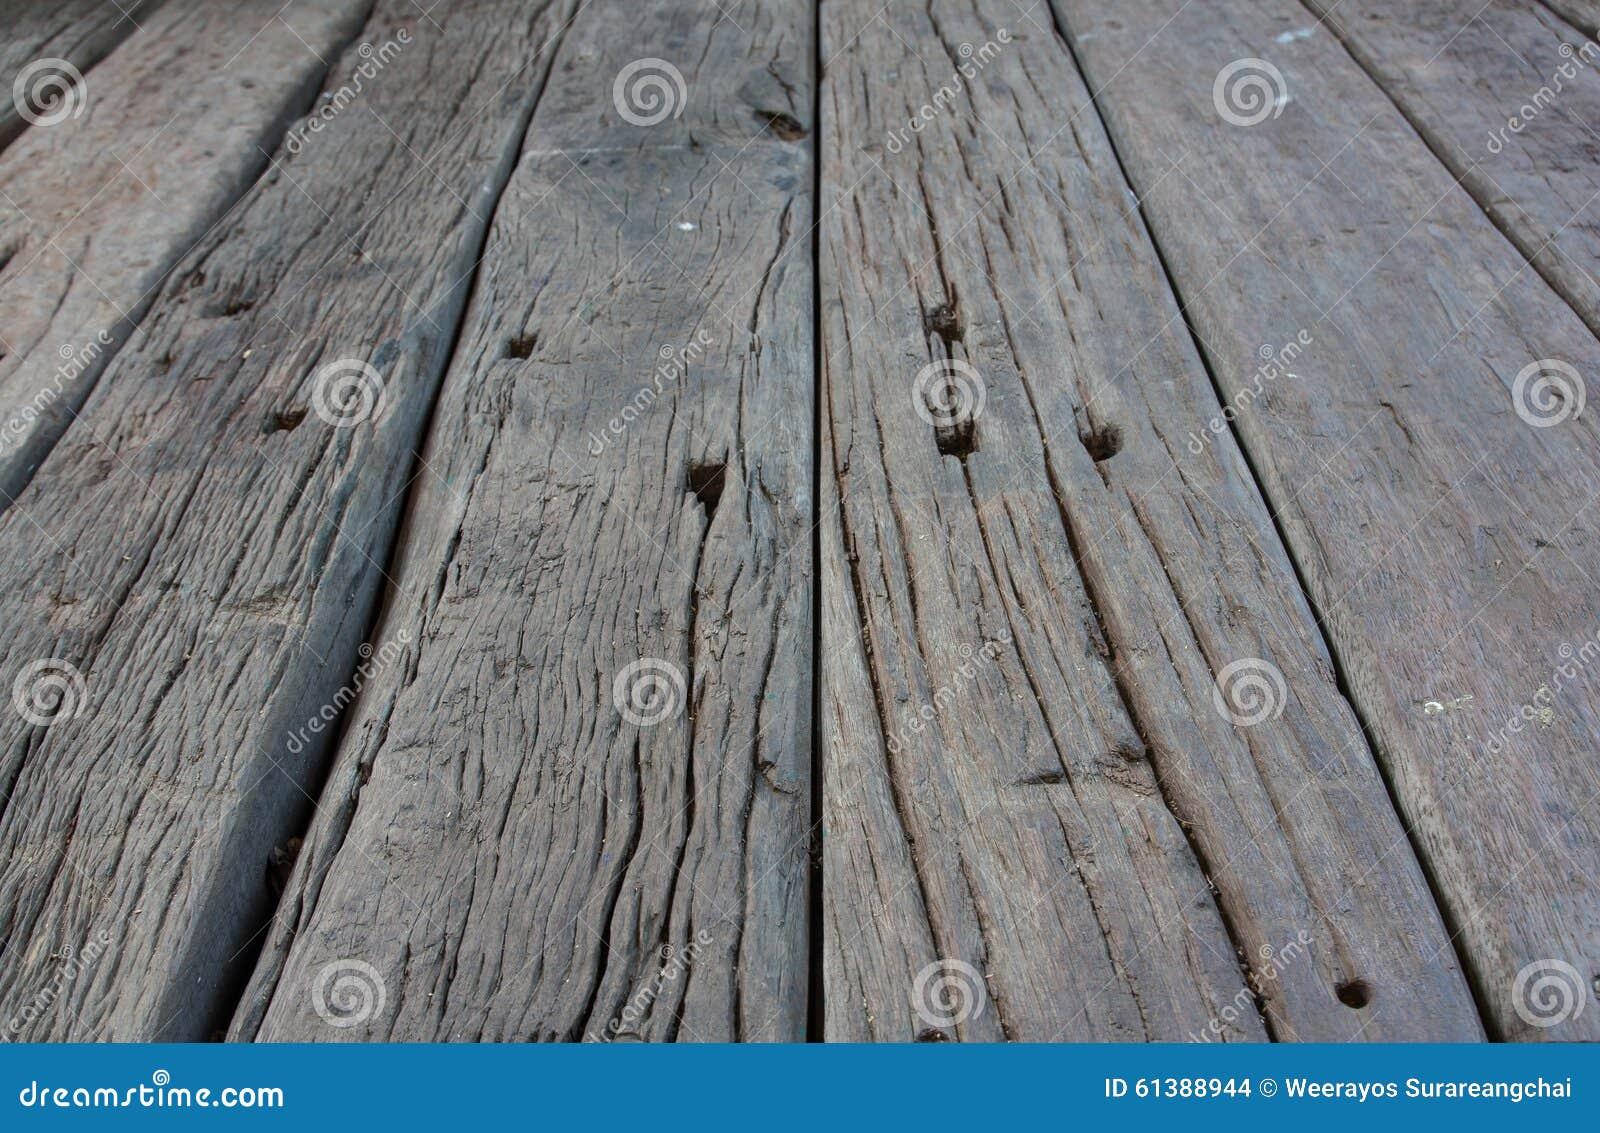 Oude Houten Vloeren : Oude houten vloeren stock foto. afbeelding bestaande uit oppervlakte